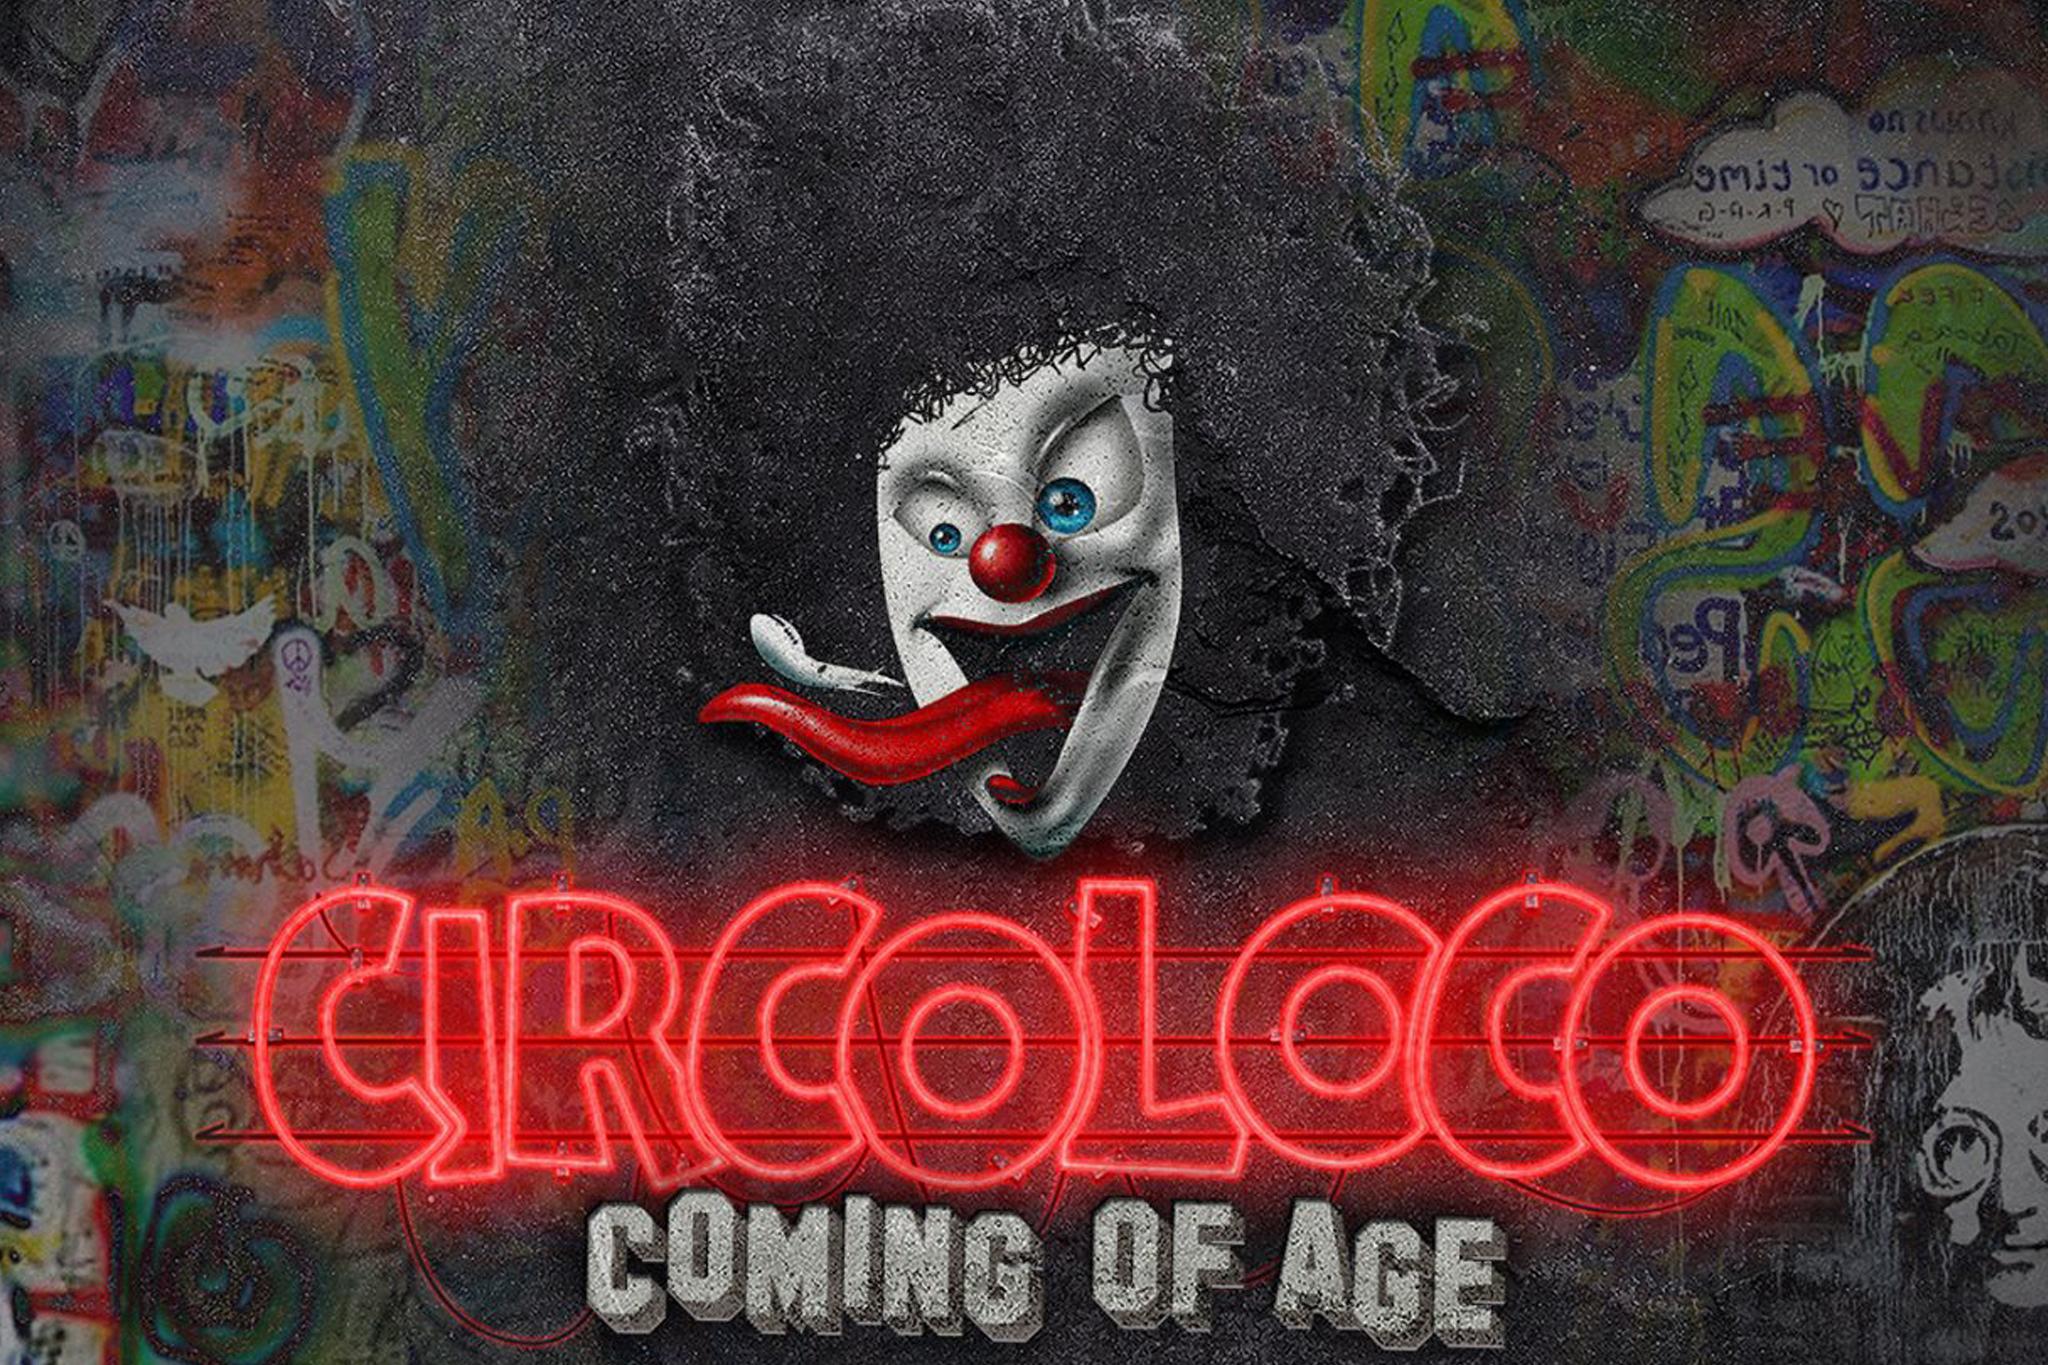 Circo Cover